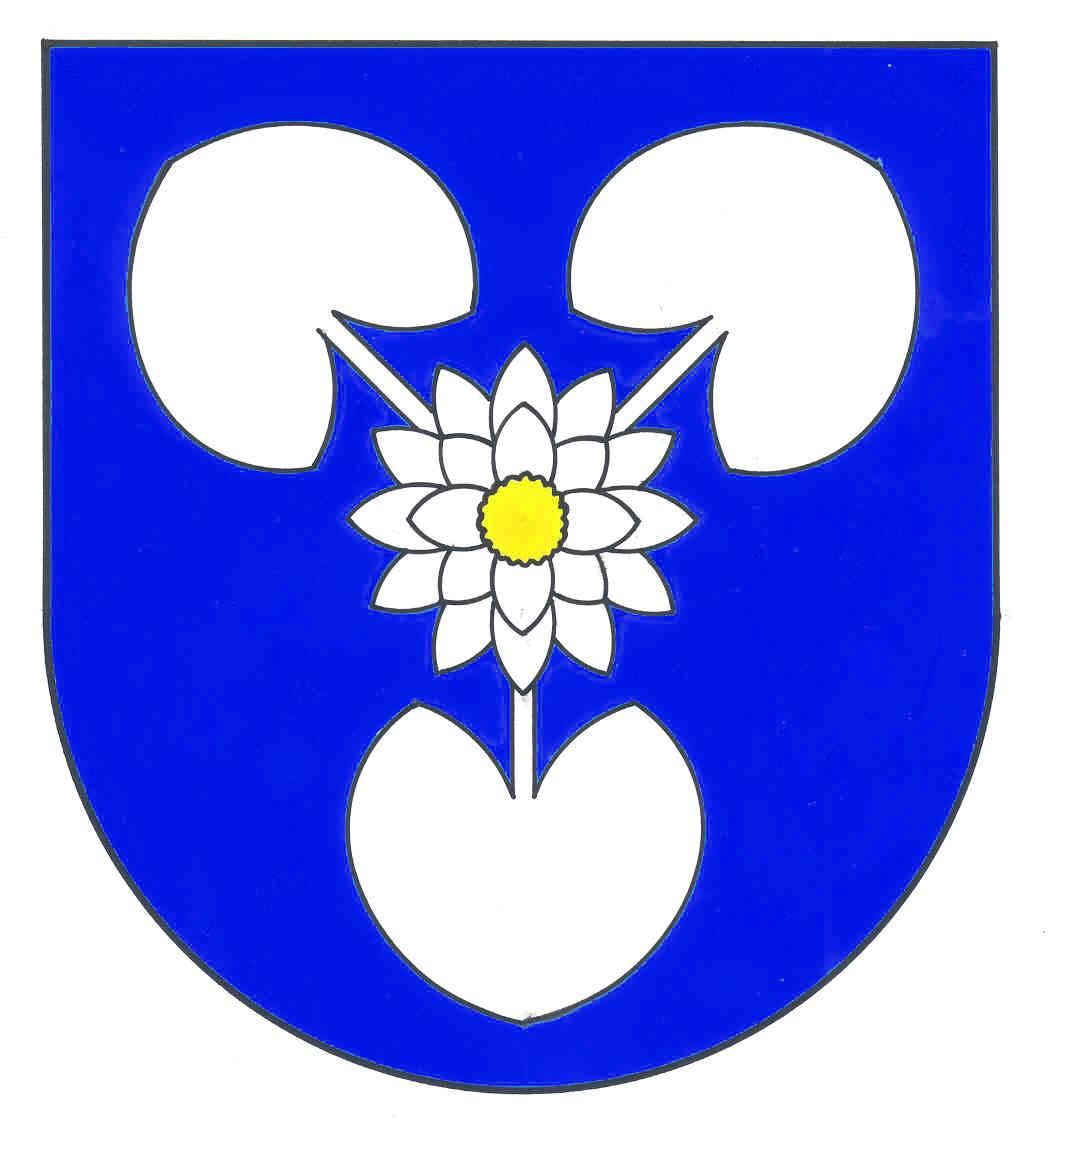 Wappen GemeindeSehestedt, Kreis Rendsburg-Eckernförde